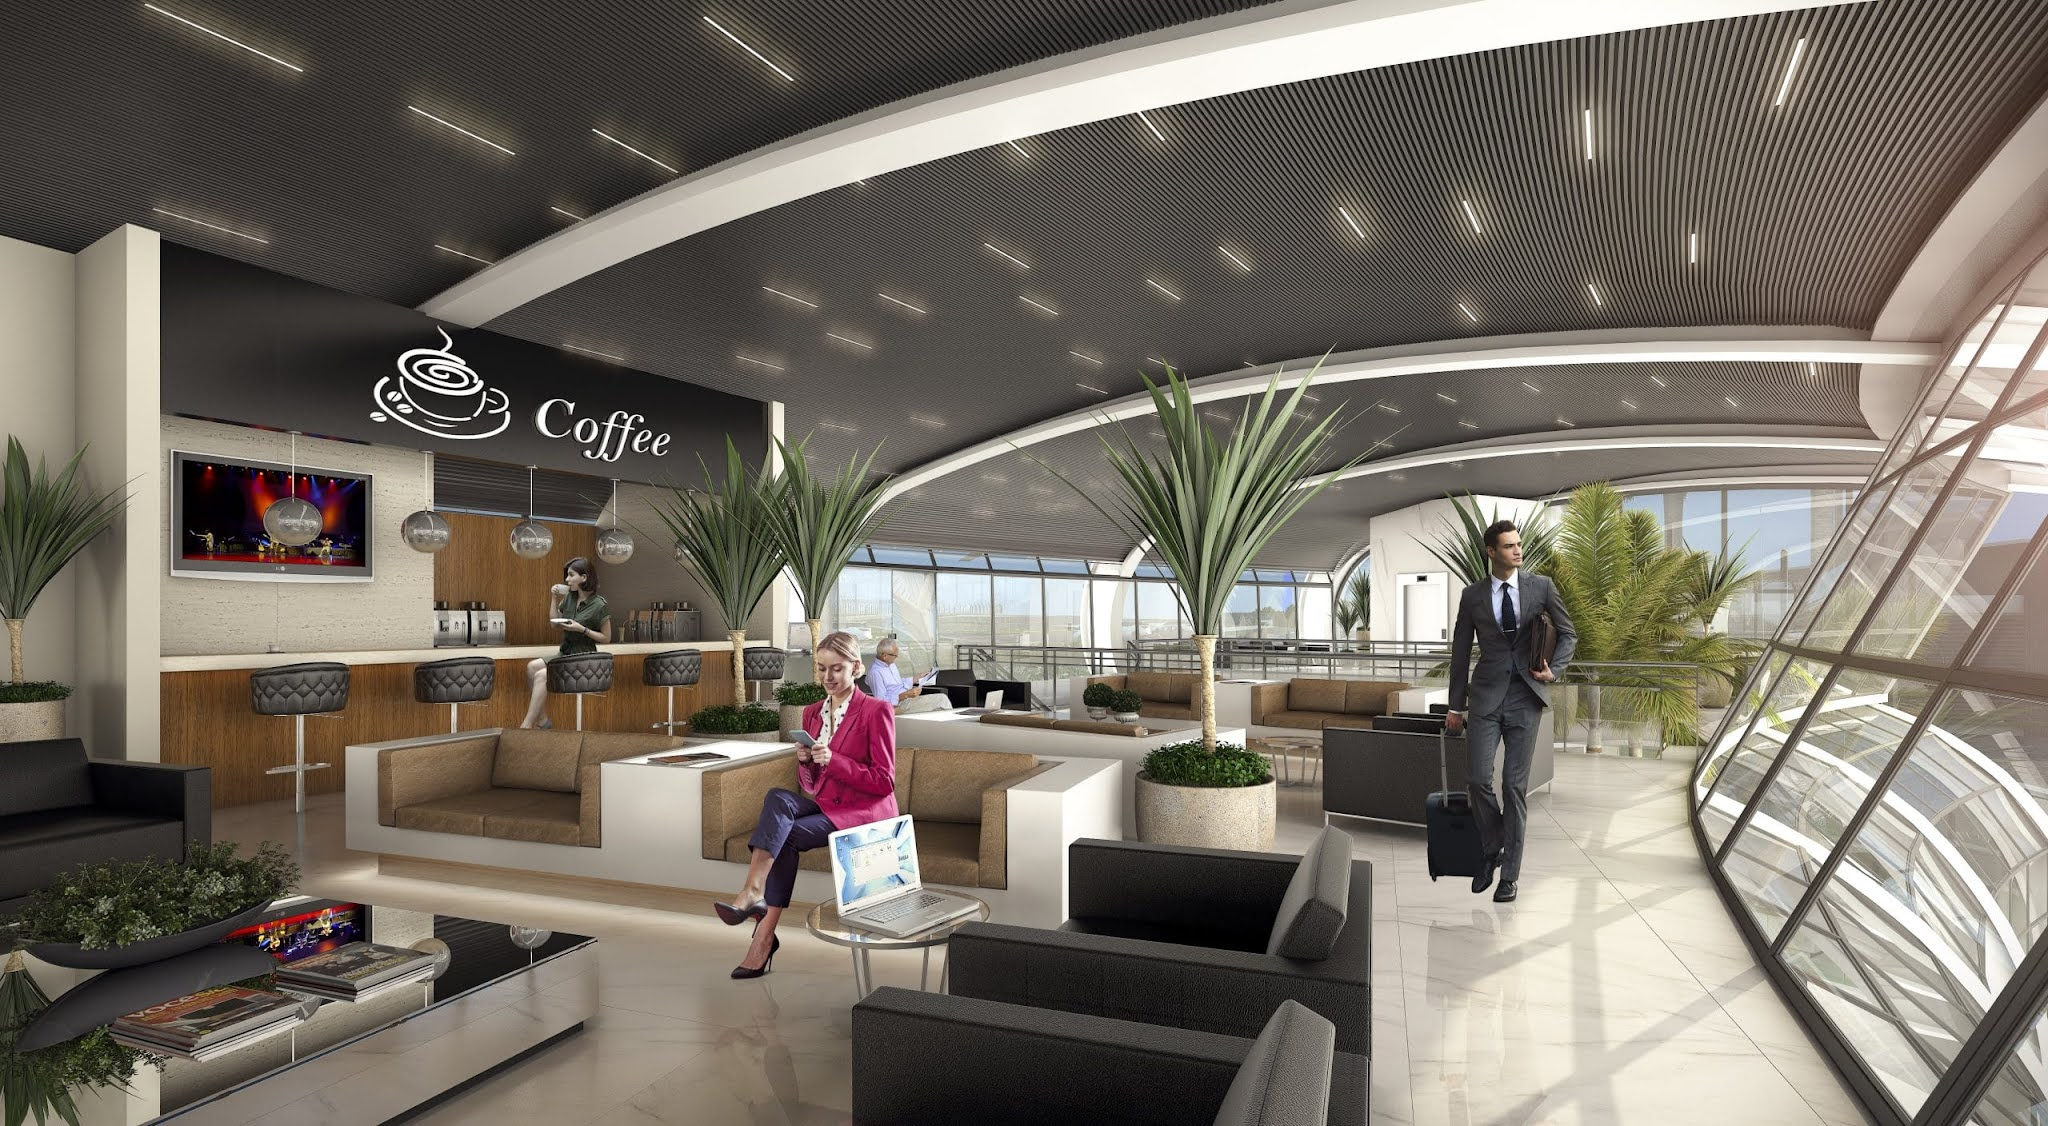 Em Aparecida de Goiânia, o Primeiro polo aeroportuário do Centro-Oeste começa a ser construído | É MAIS QUE VOAR